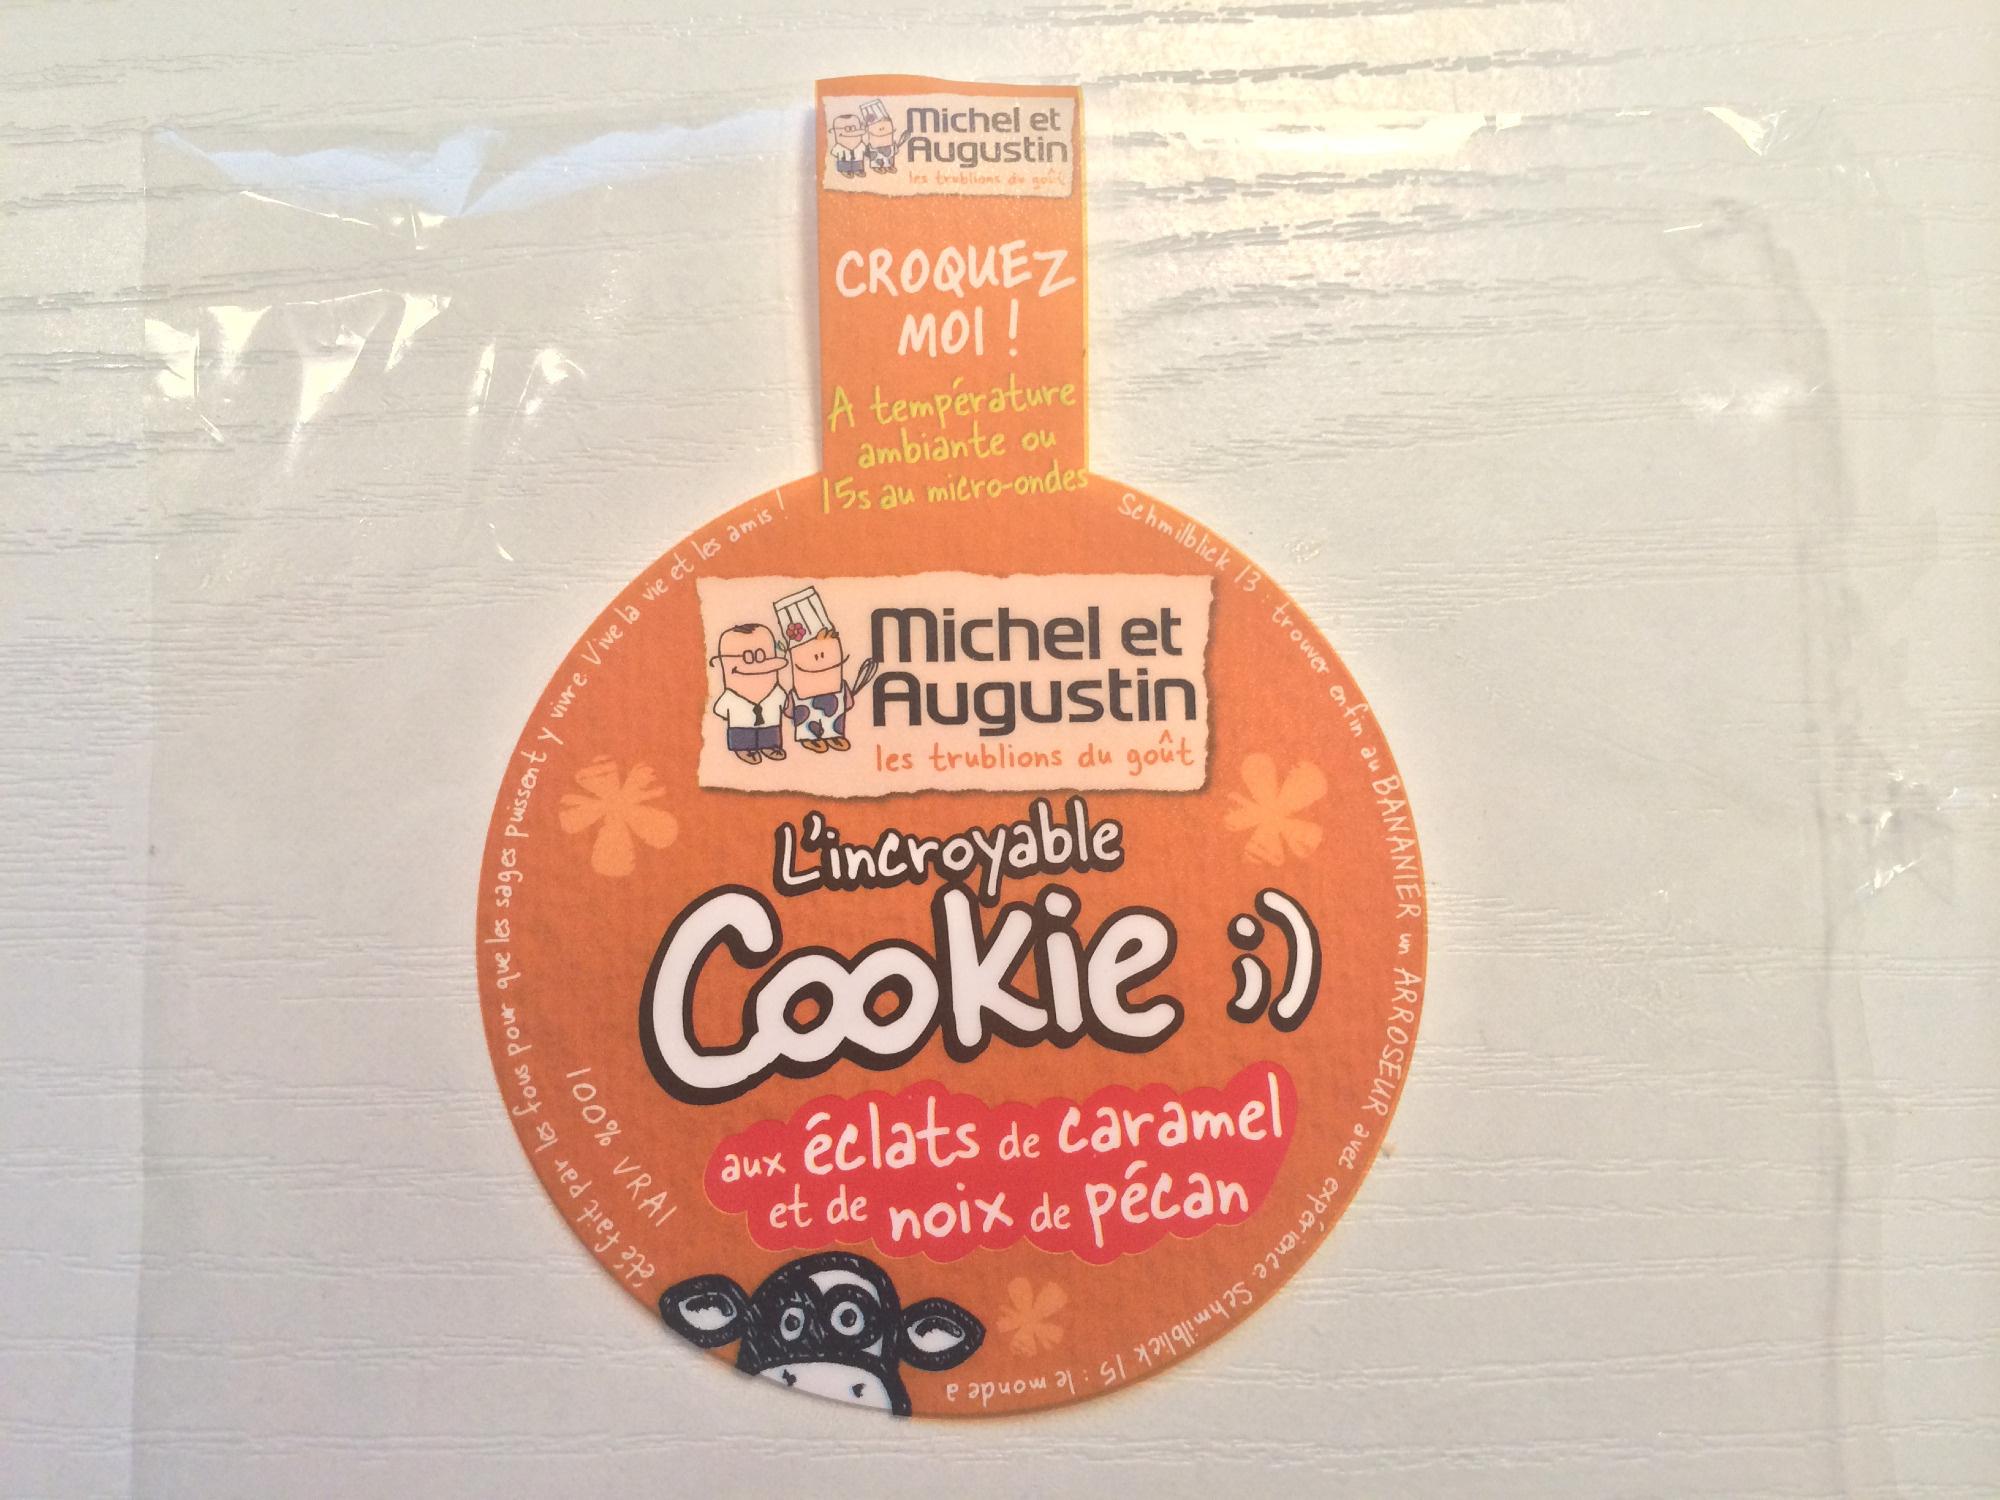 L'incroyable Cookie aux éclats de caramel et de noix de pécan - Produit - fr